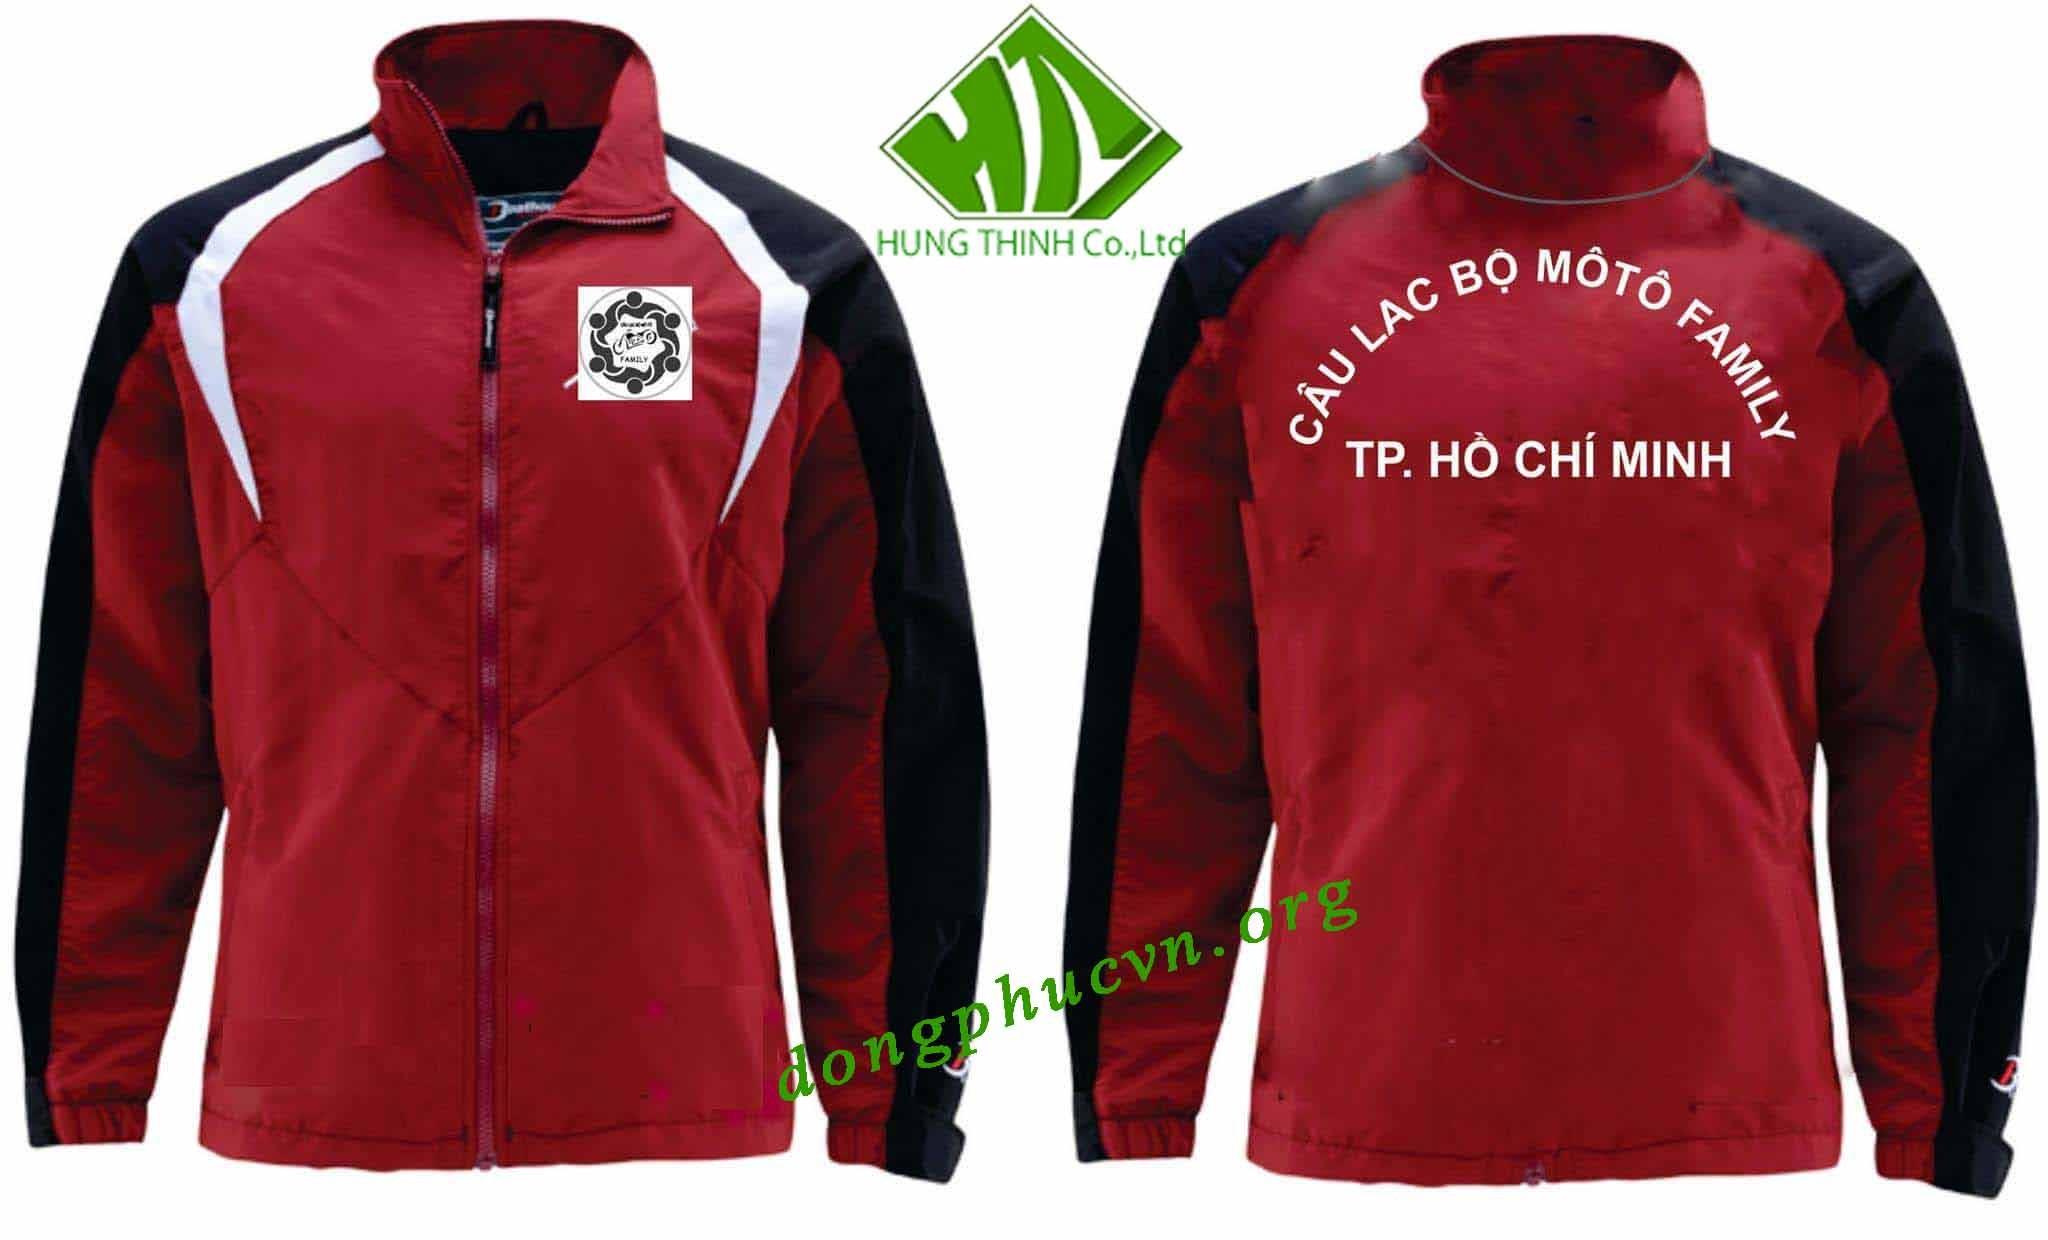 Địa chỉ may áo khoác giá rẻ tại TP HCM chất lượng cao Ảnh số 43325203